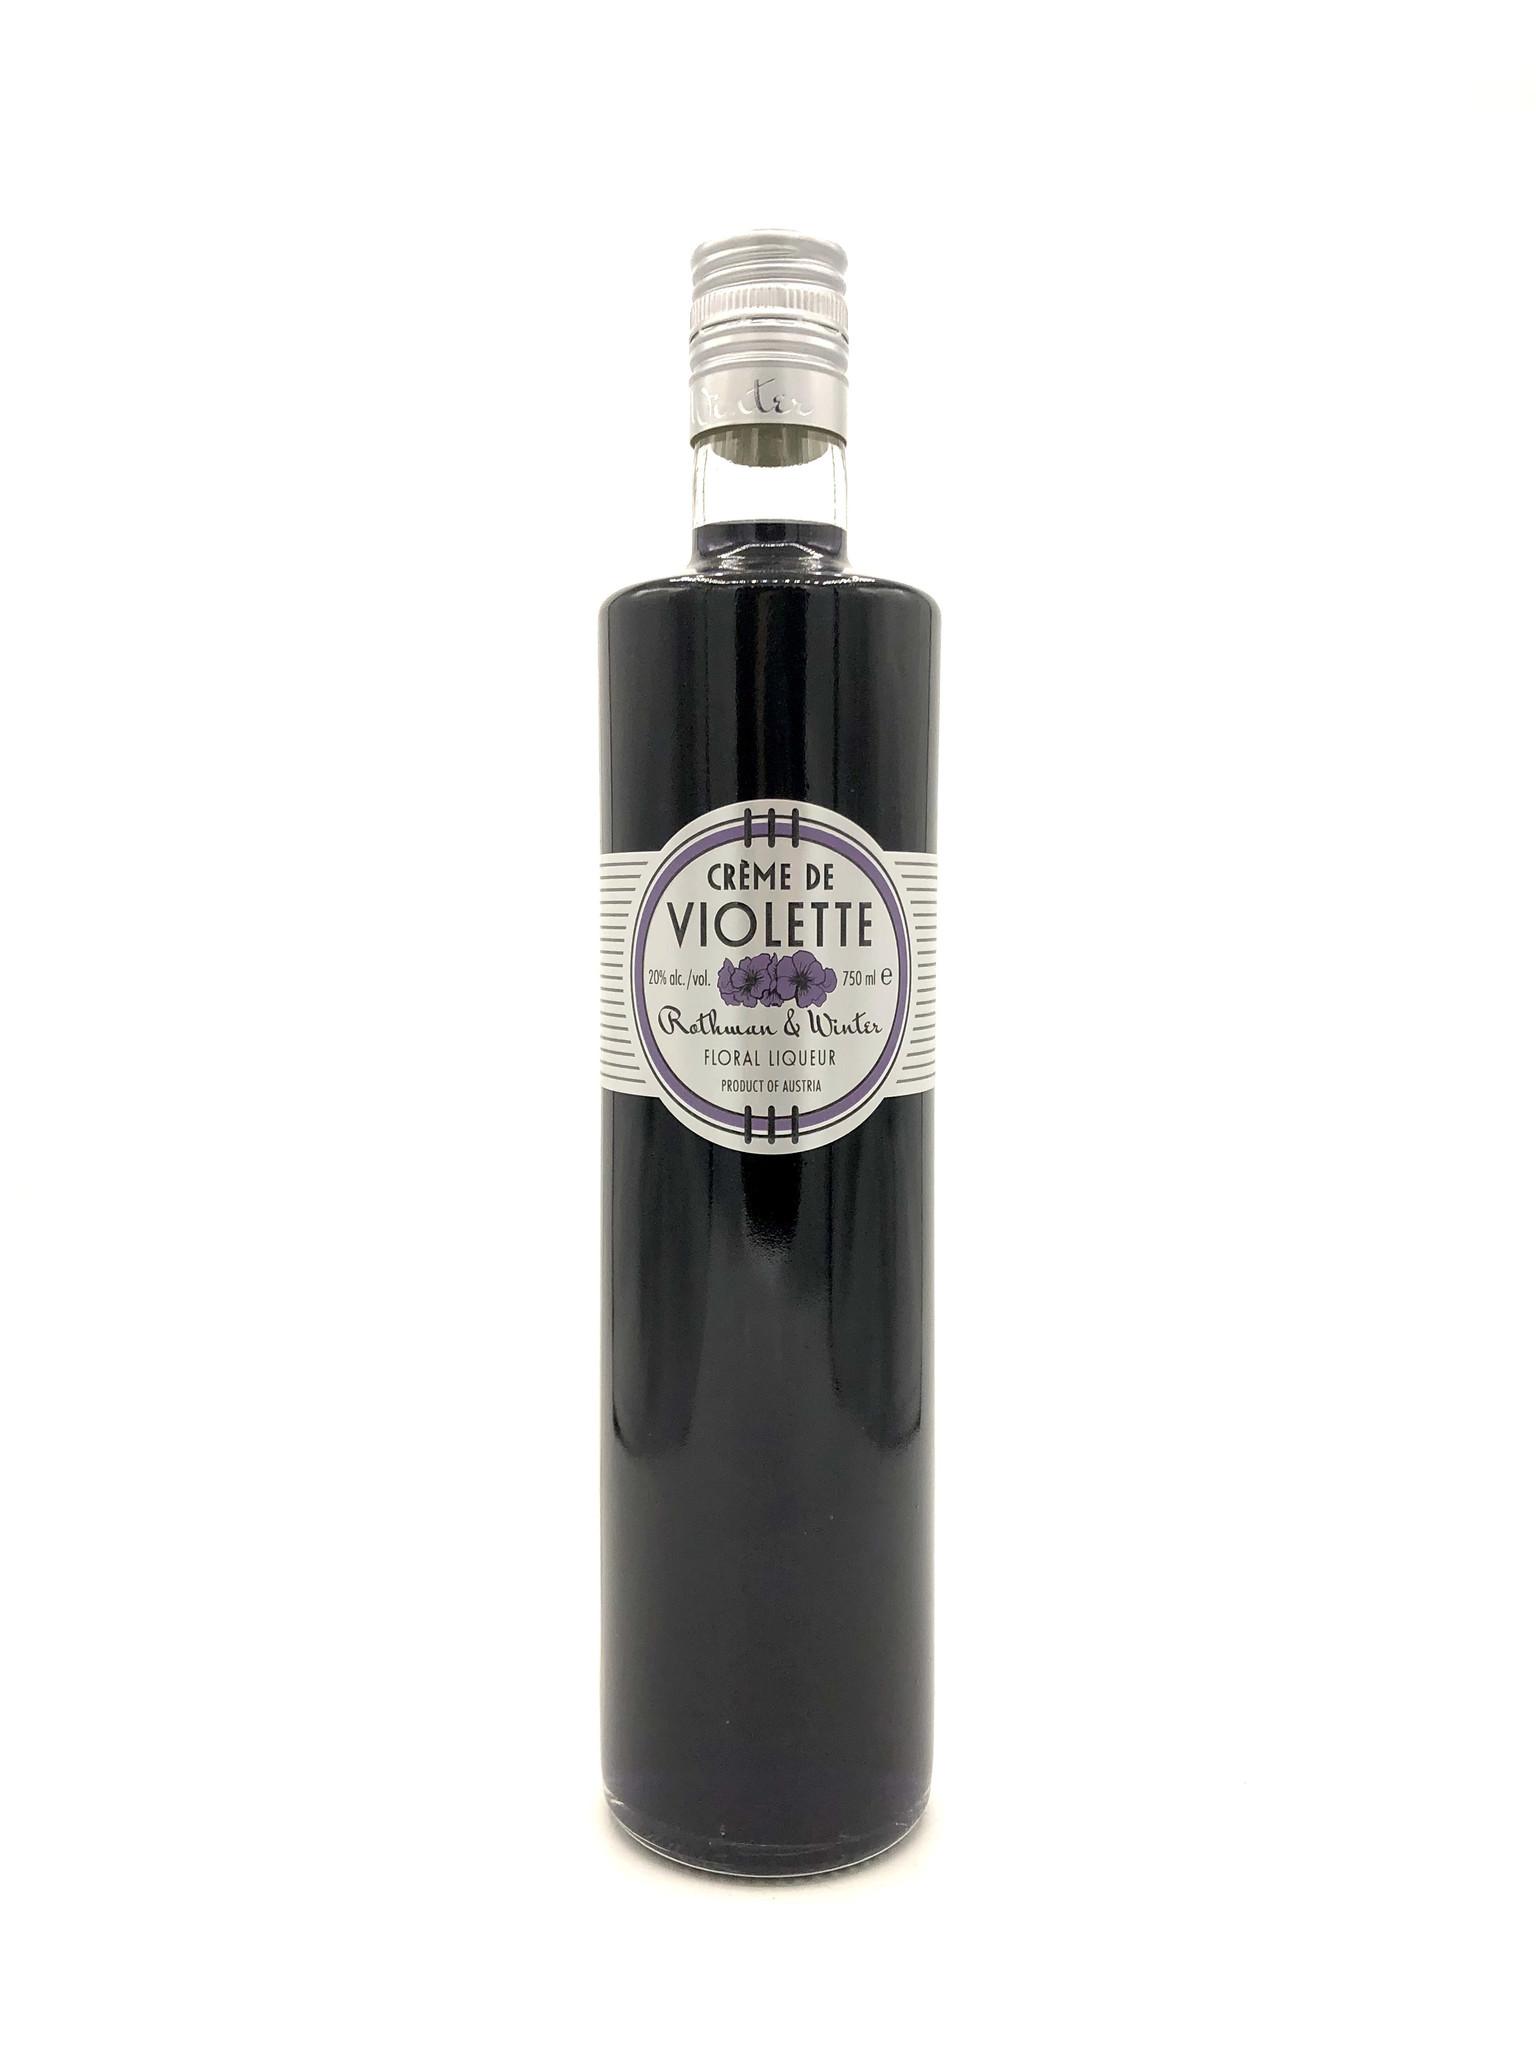 Crème de Violette 750ml Rothman and Winter